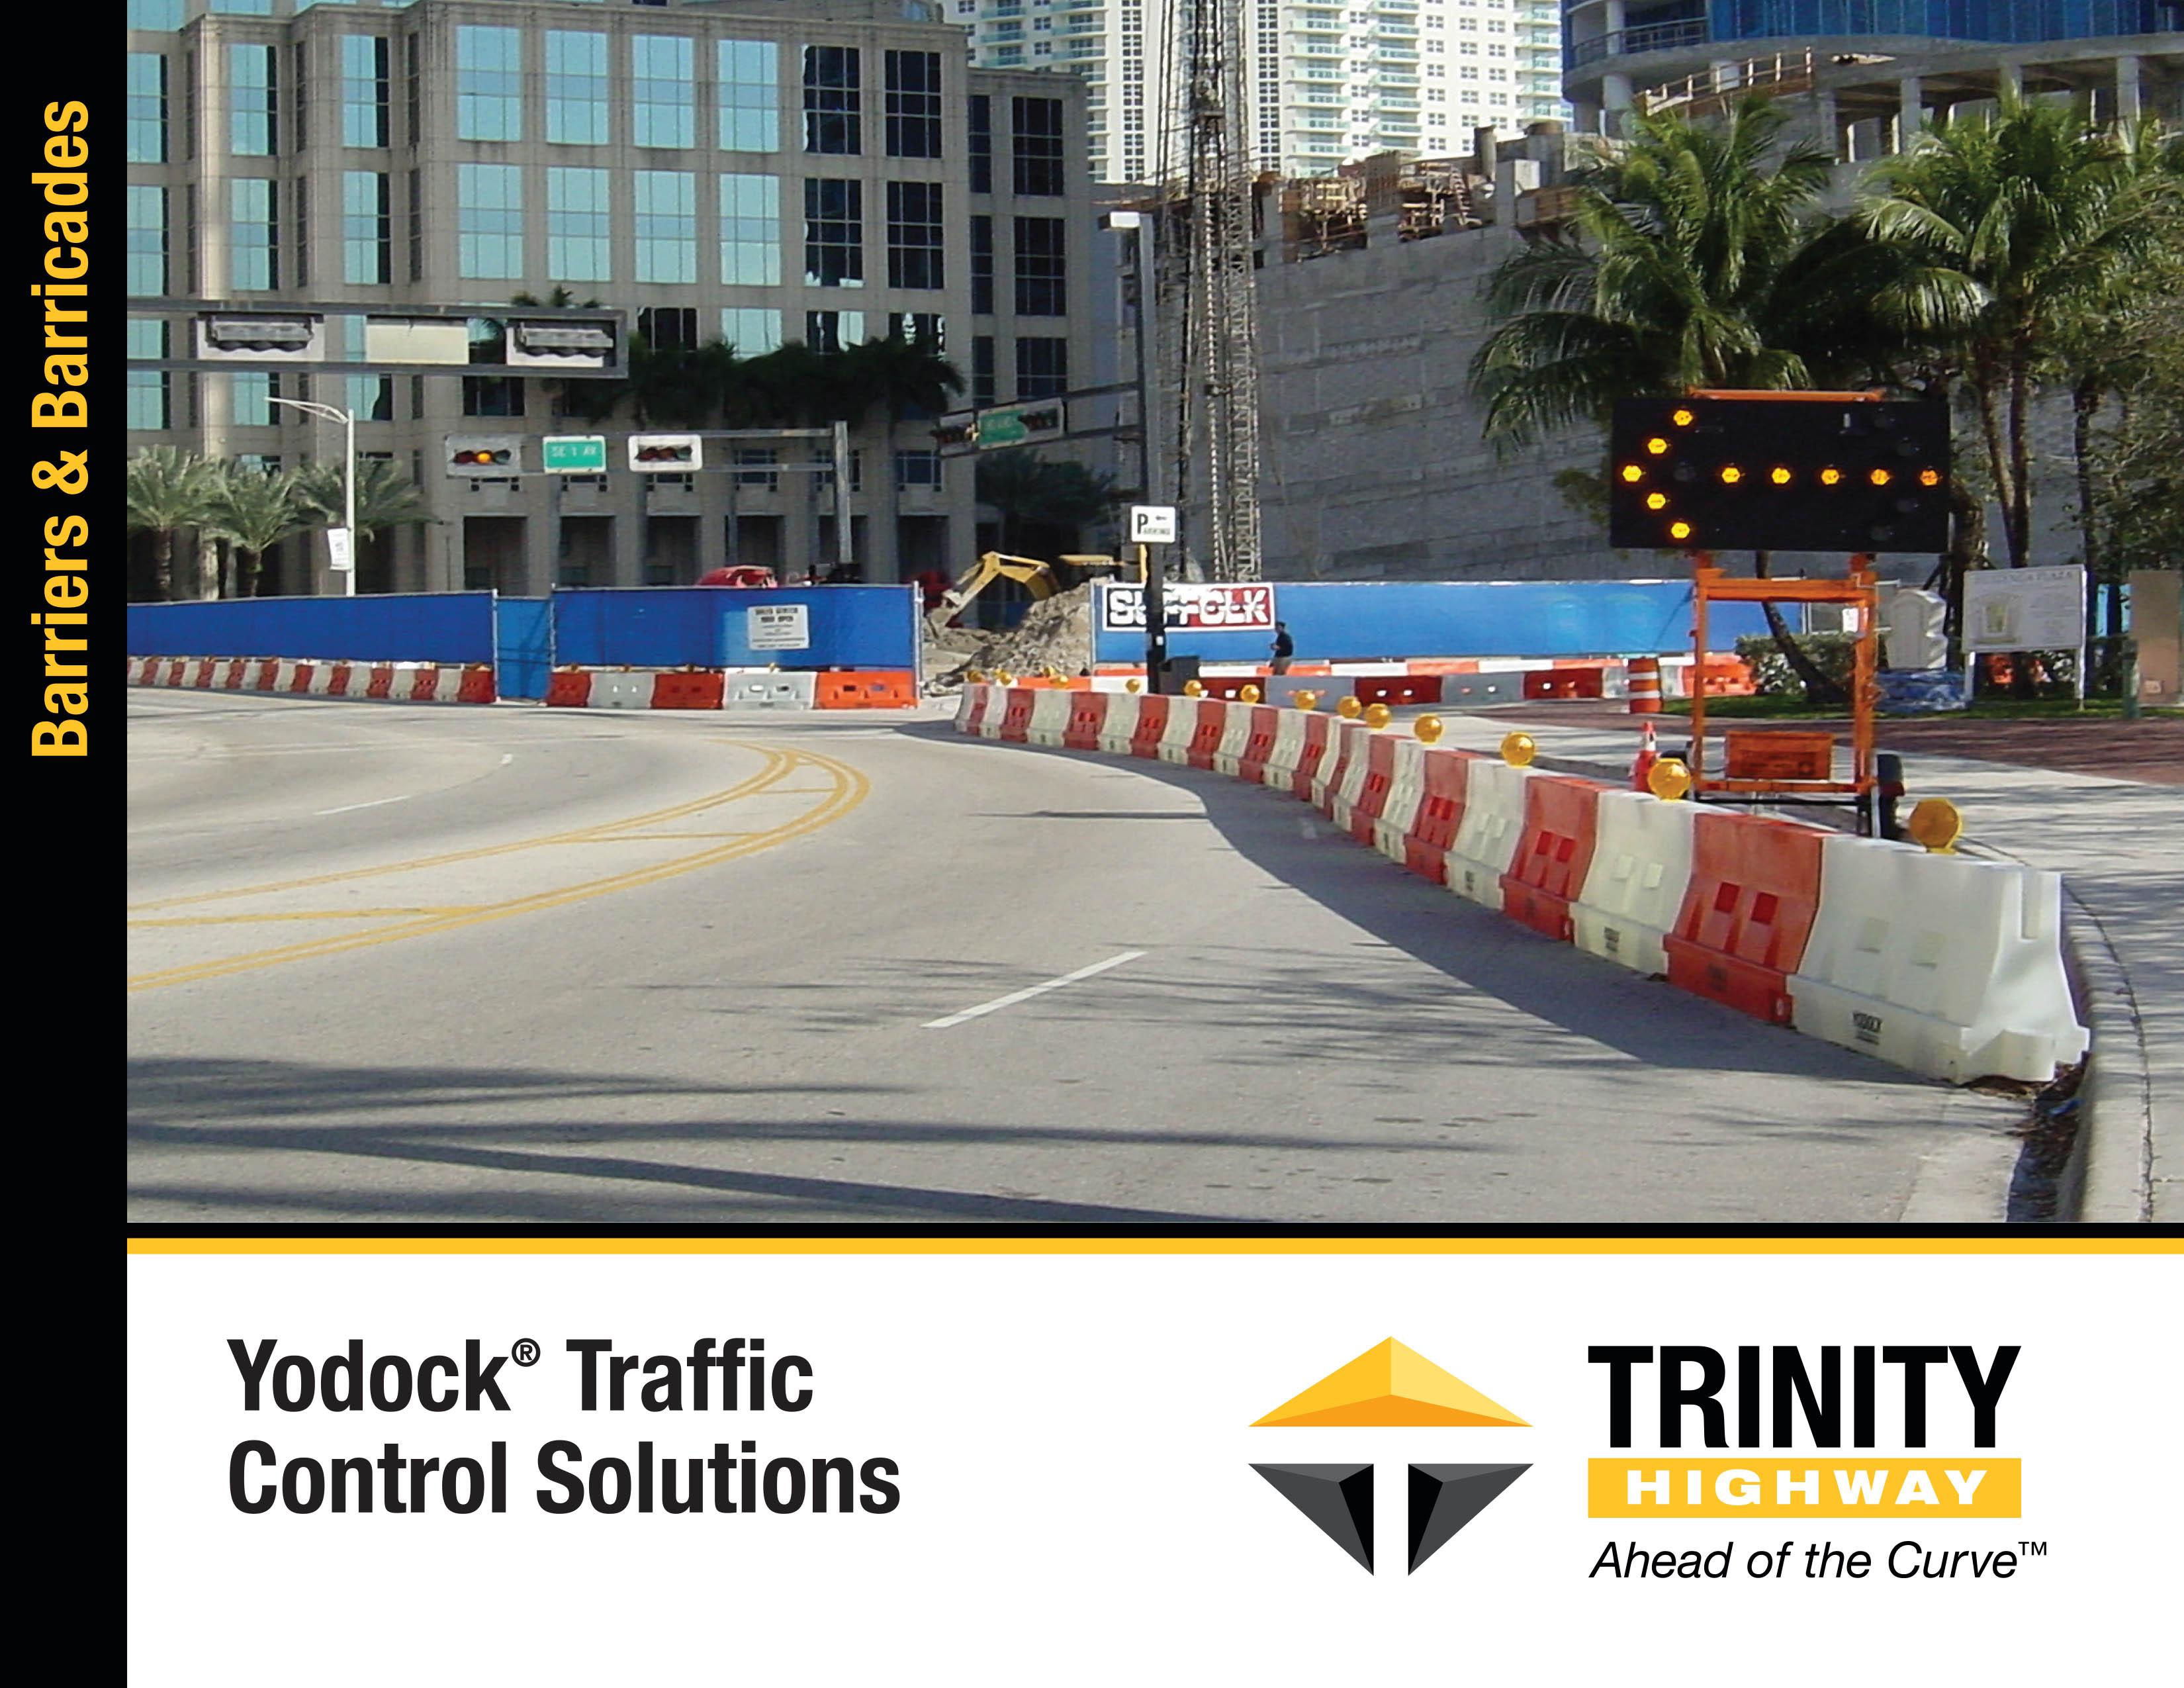 TH/Yodock Traffic Control 5-28-15.indd